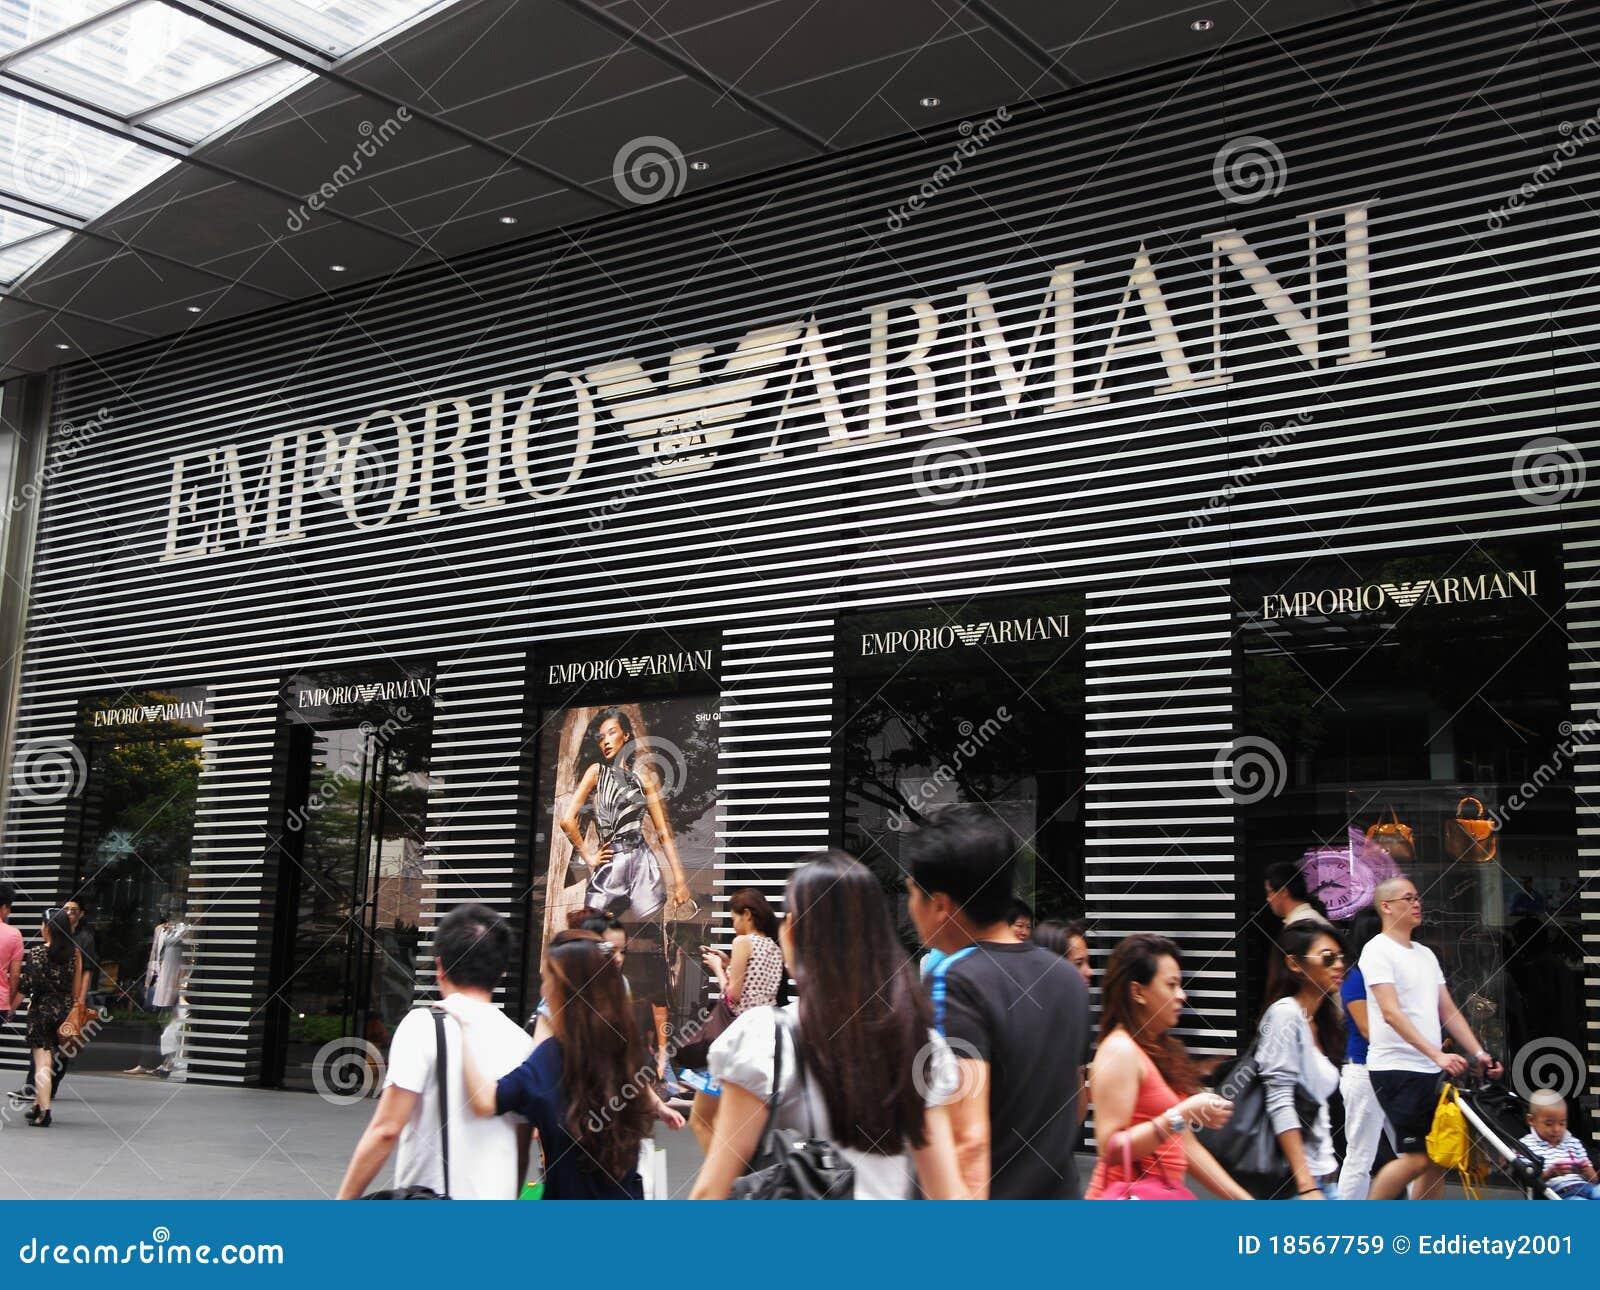 5c3746f0b645d Indicador De Emporio Armani Imagem de Stock Editorial - Imagem de ...